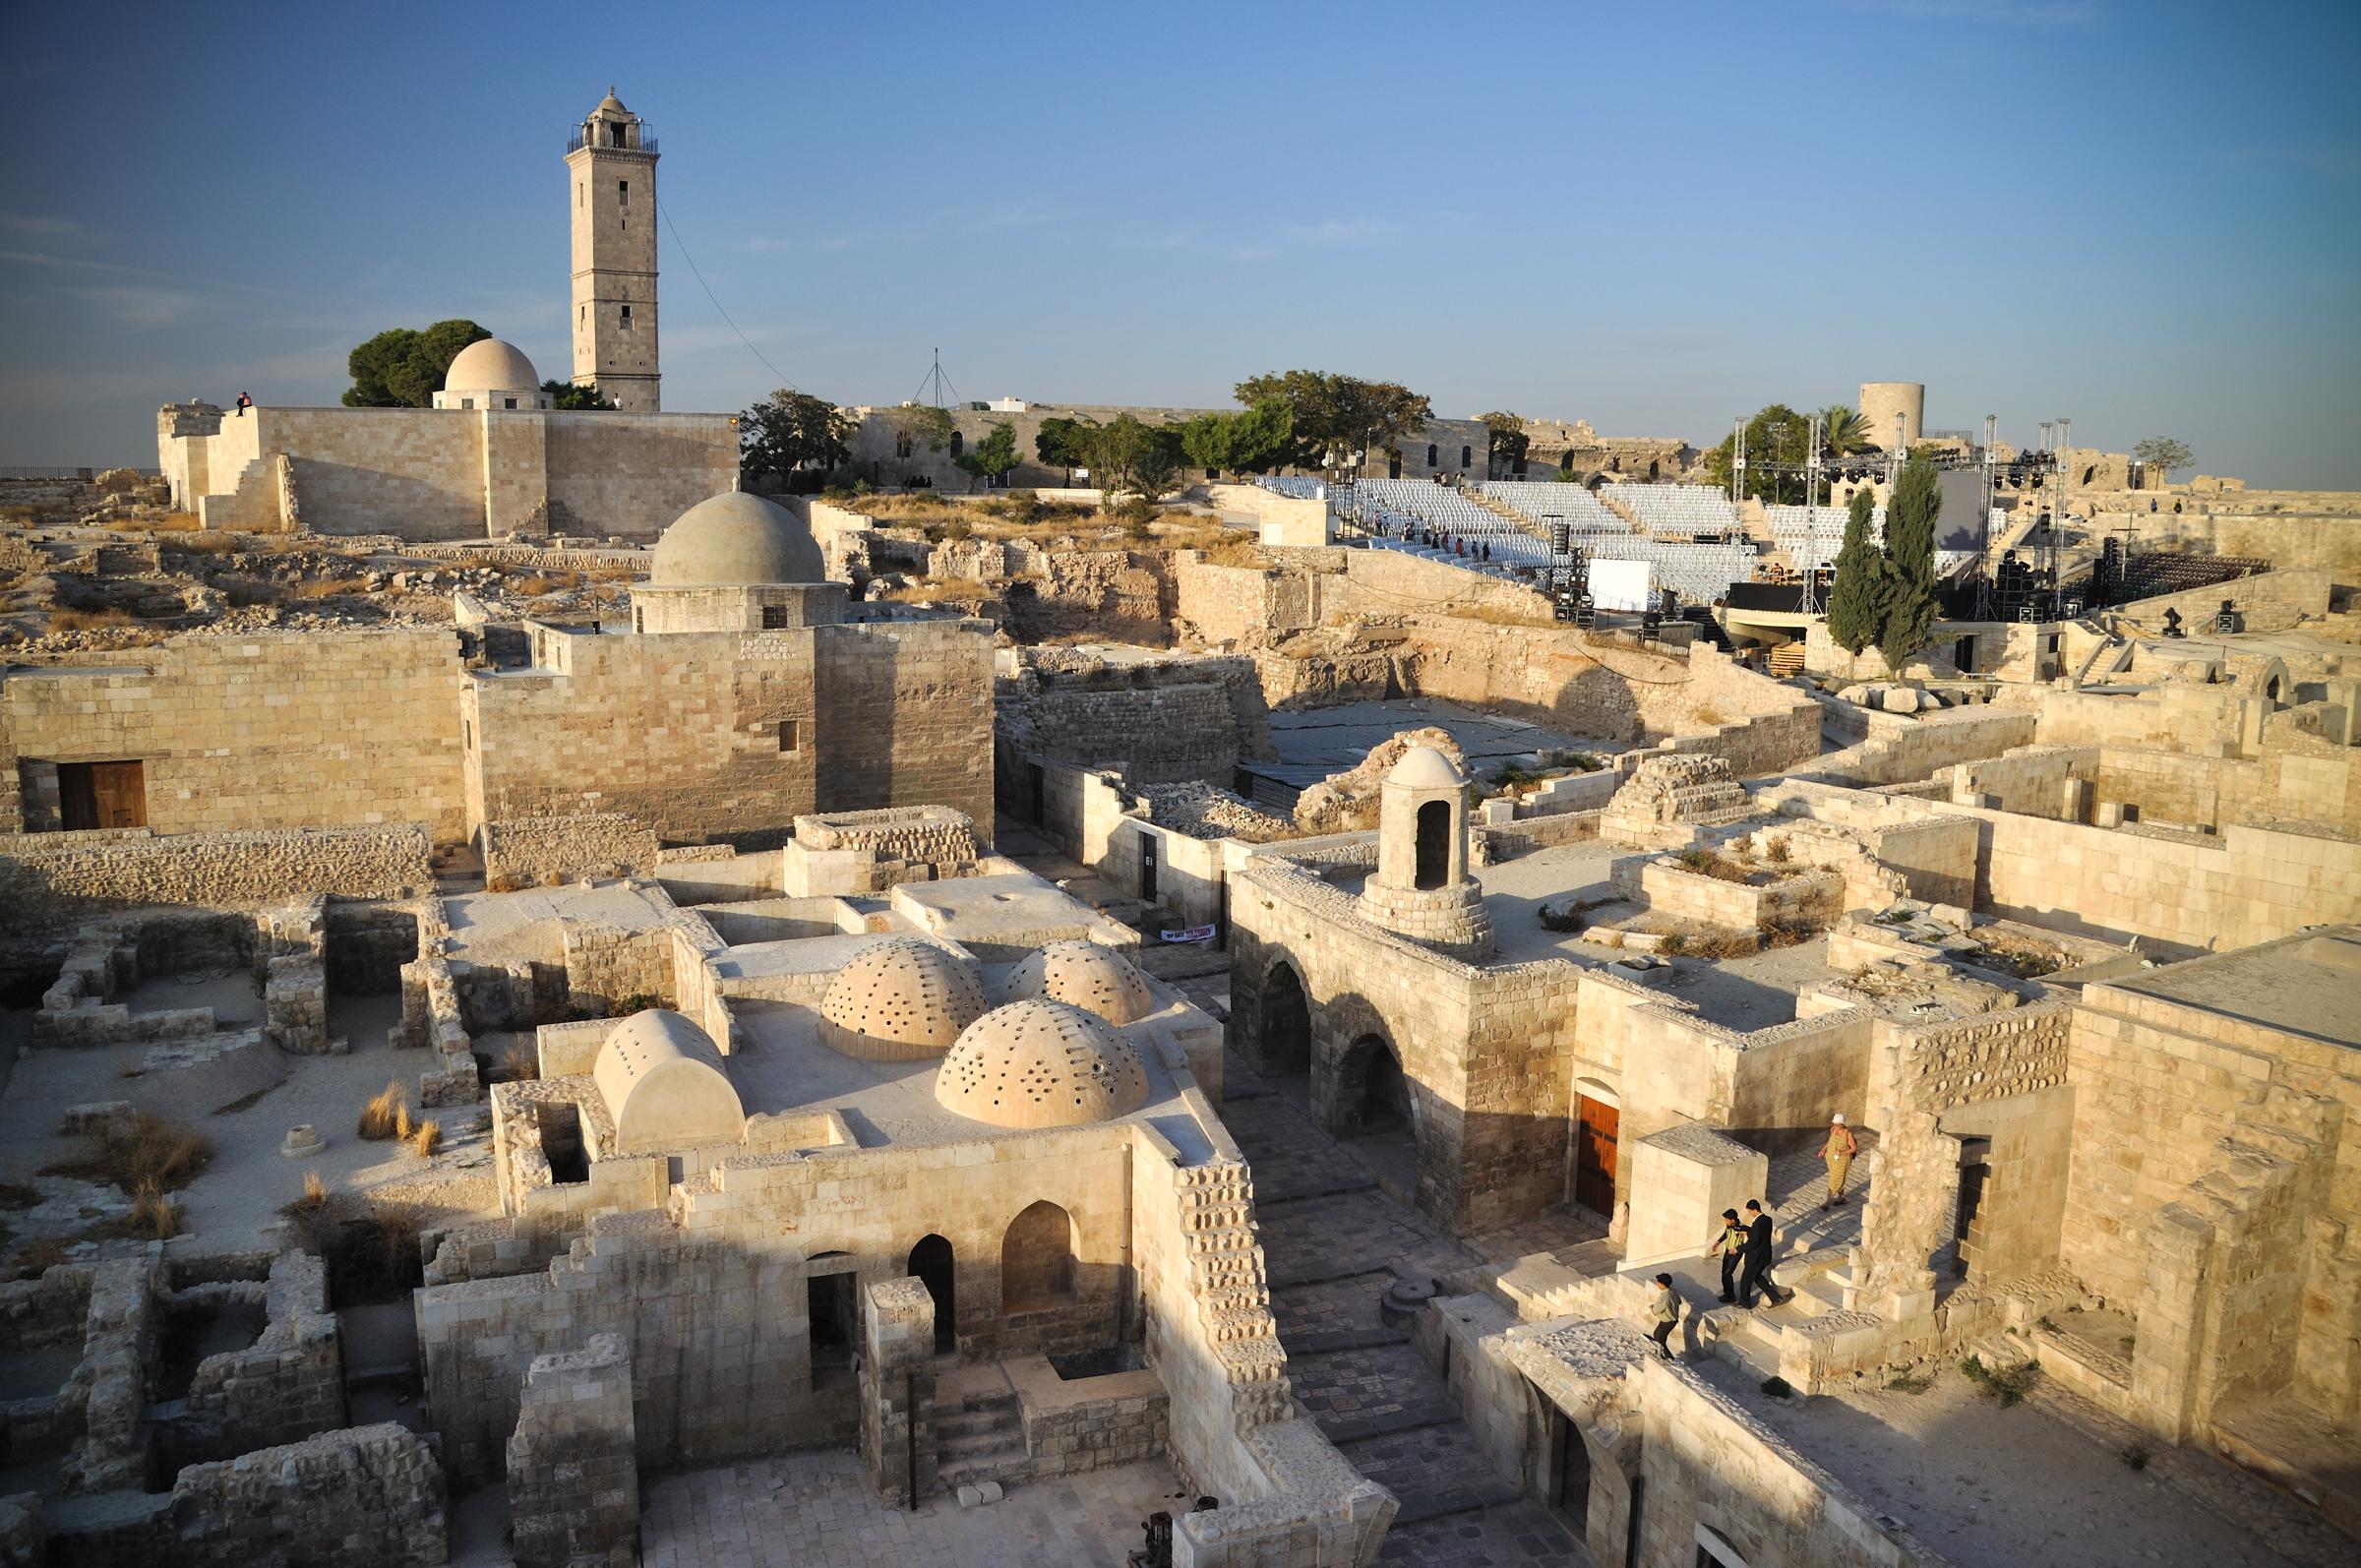 SYRIA; ALEPPO; CITADEL